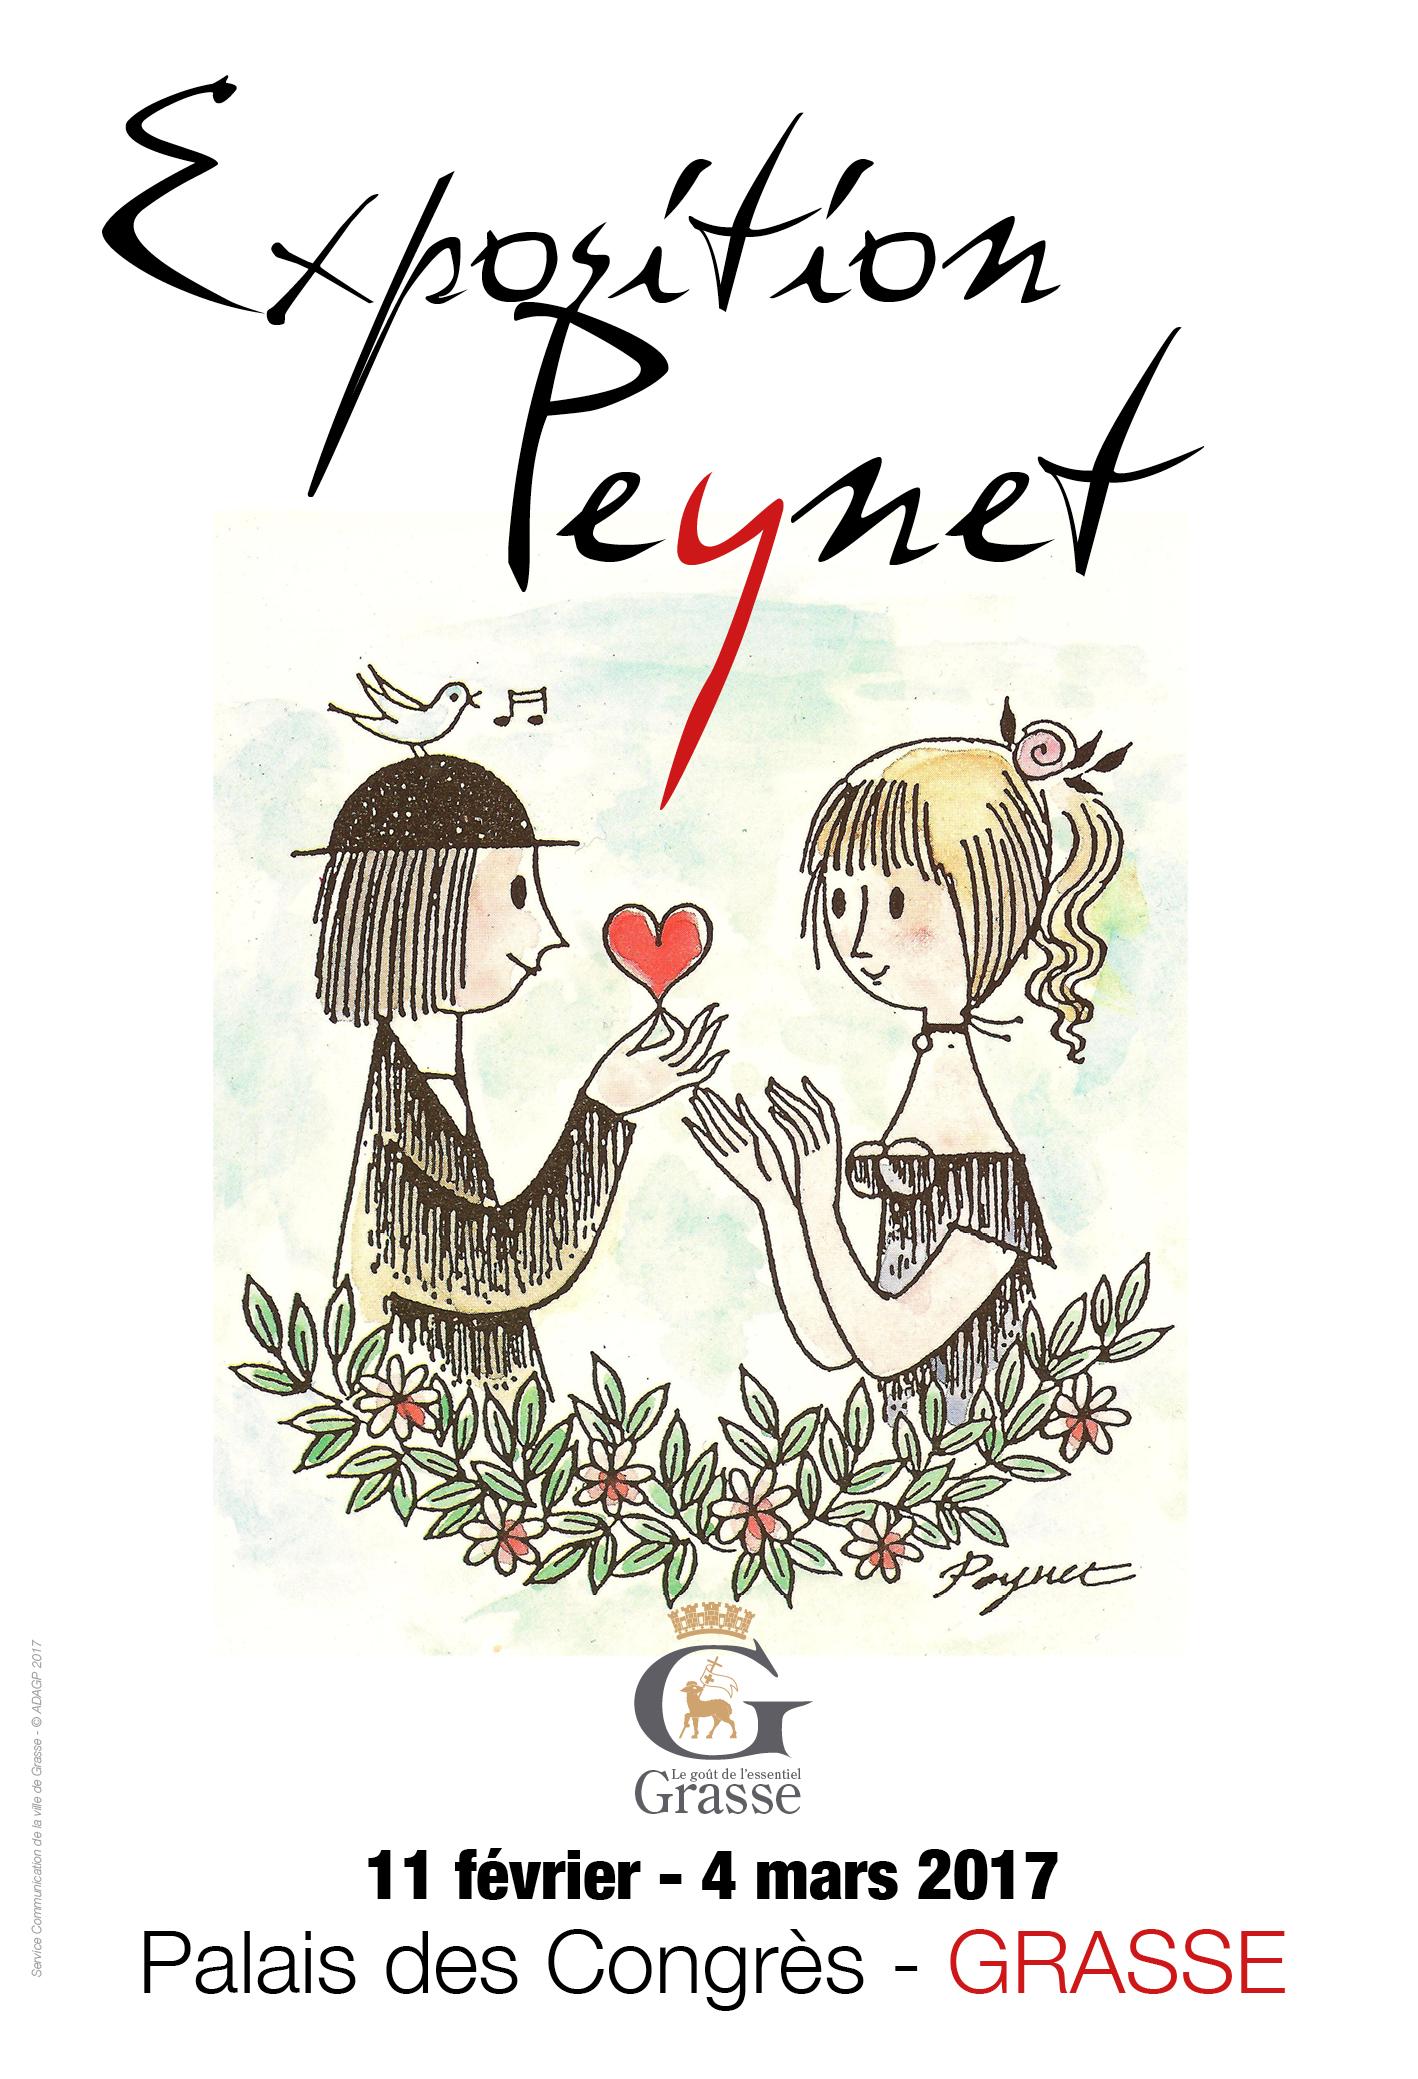 2m2 expo Peynet